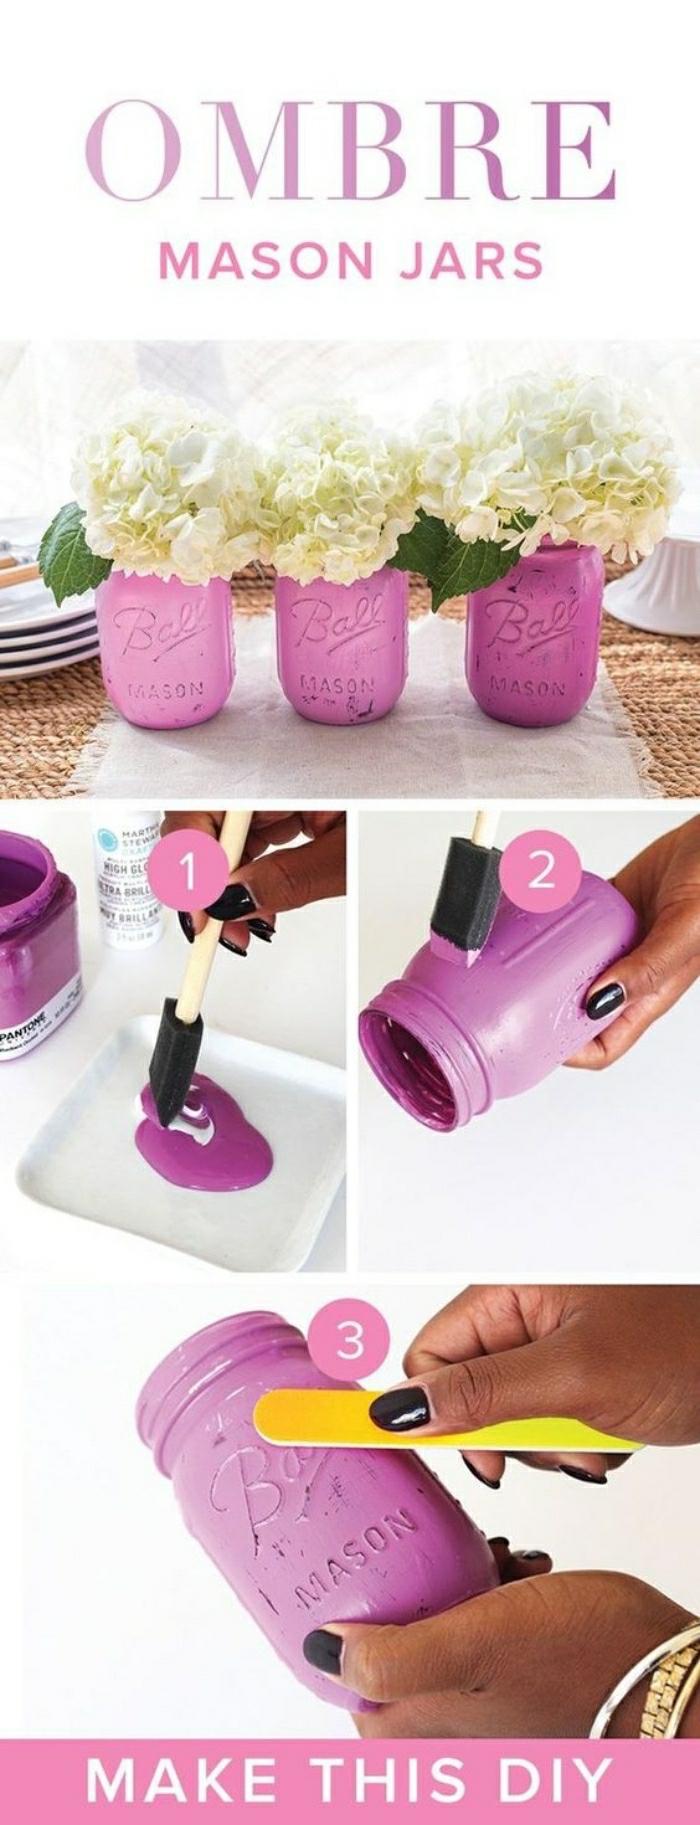 Idee lavoro artigianale con dei barattoli di vetro verniciati di colore rosa e utilizzati come vasi per fiori